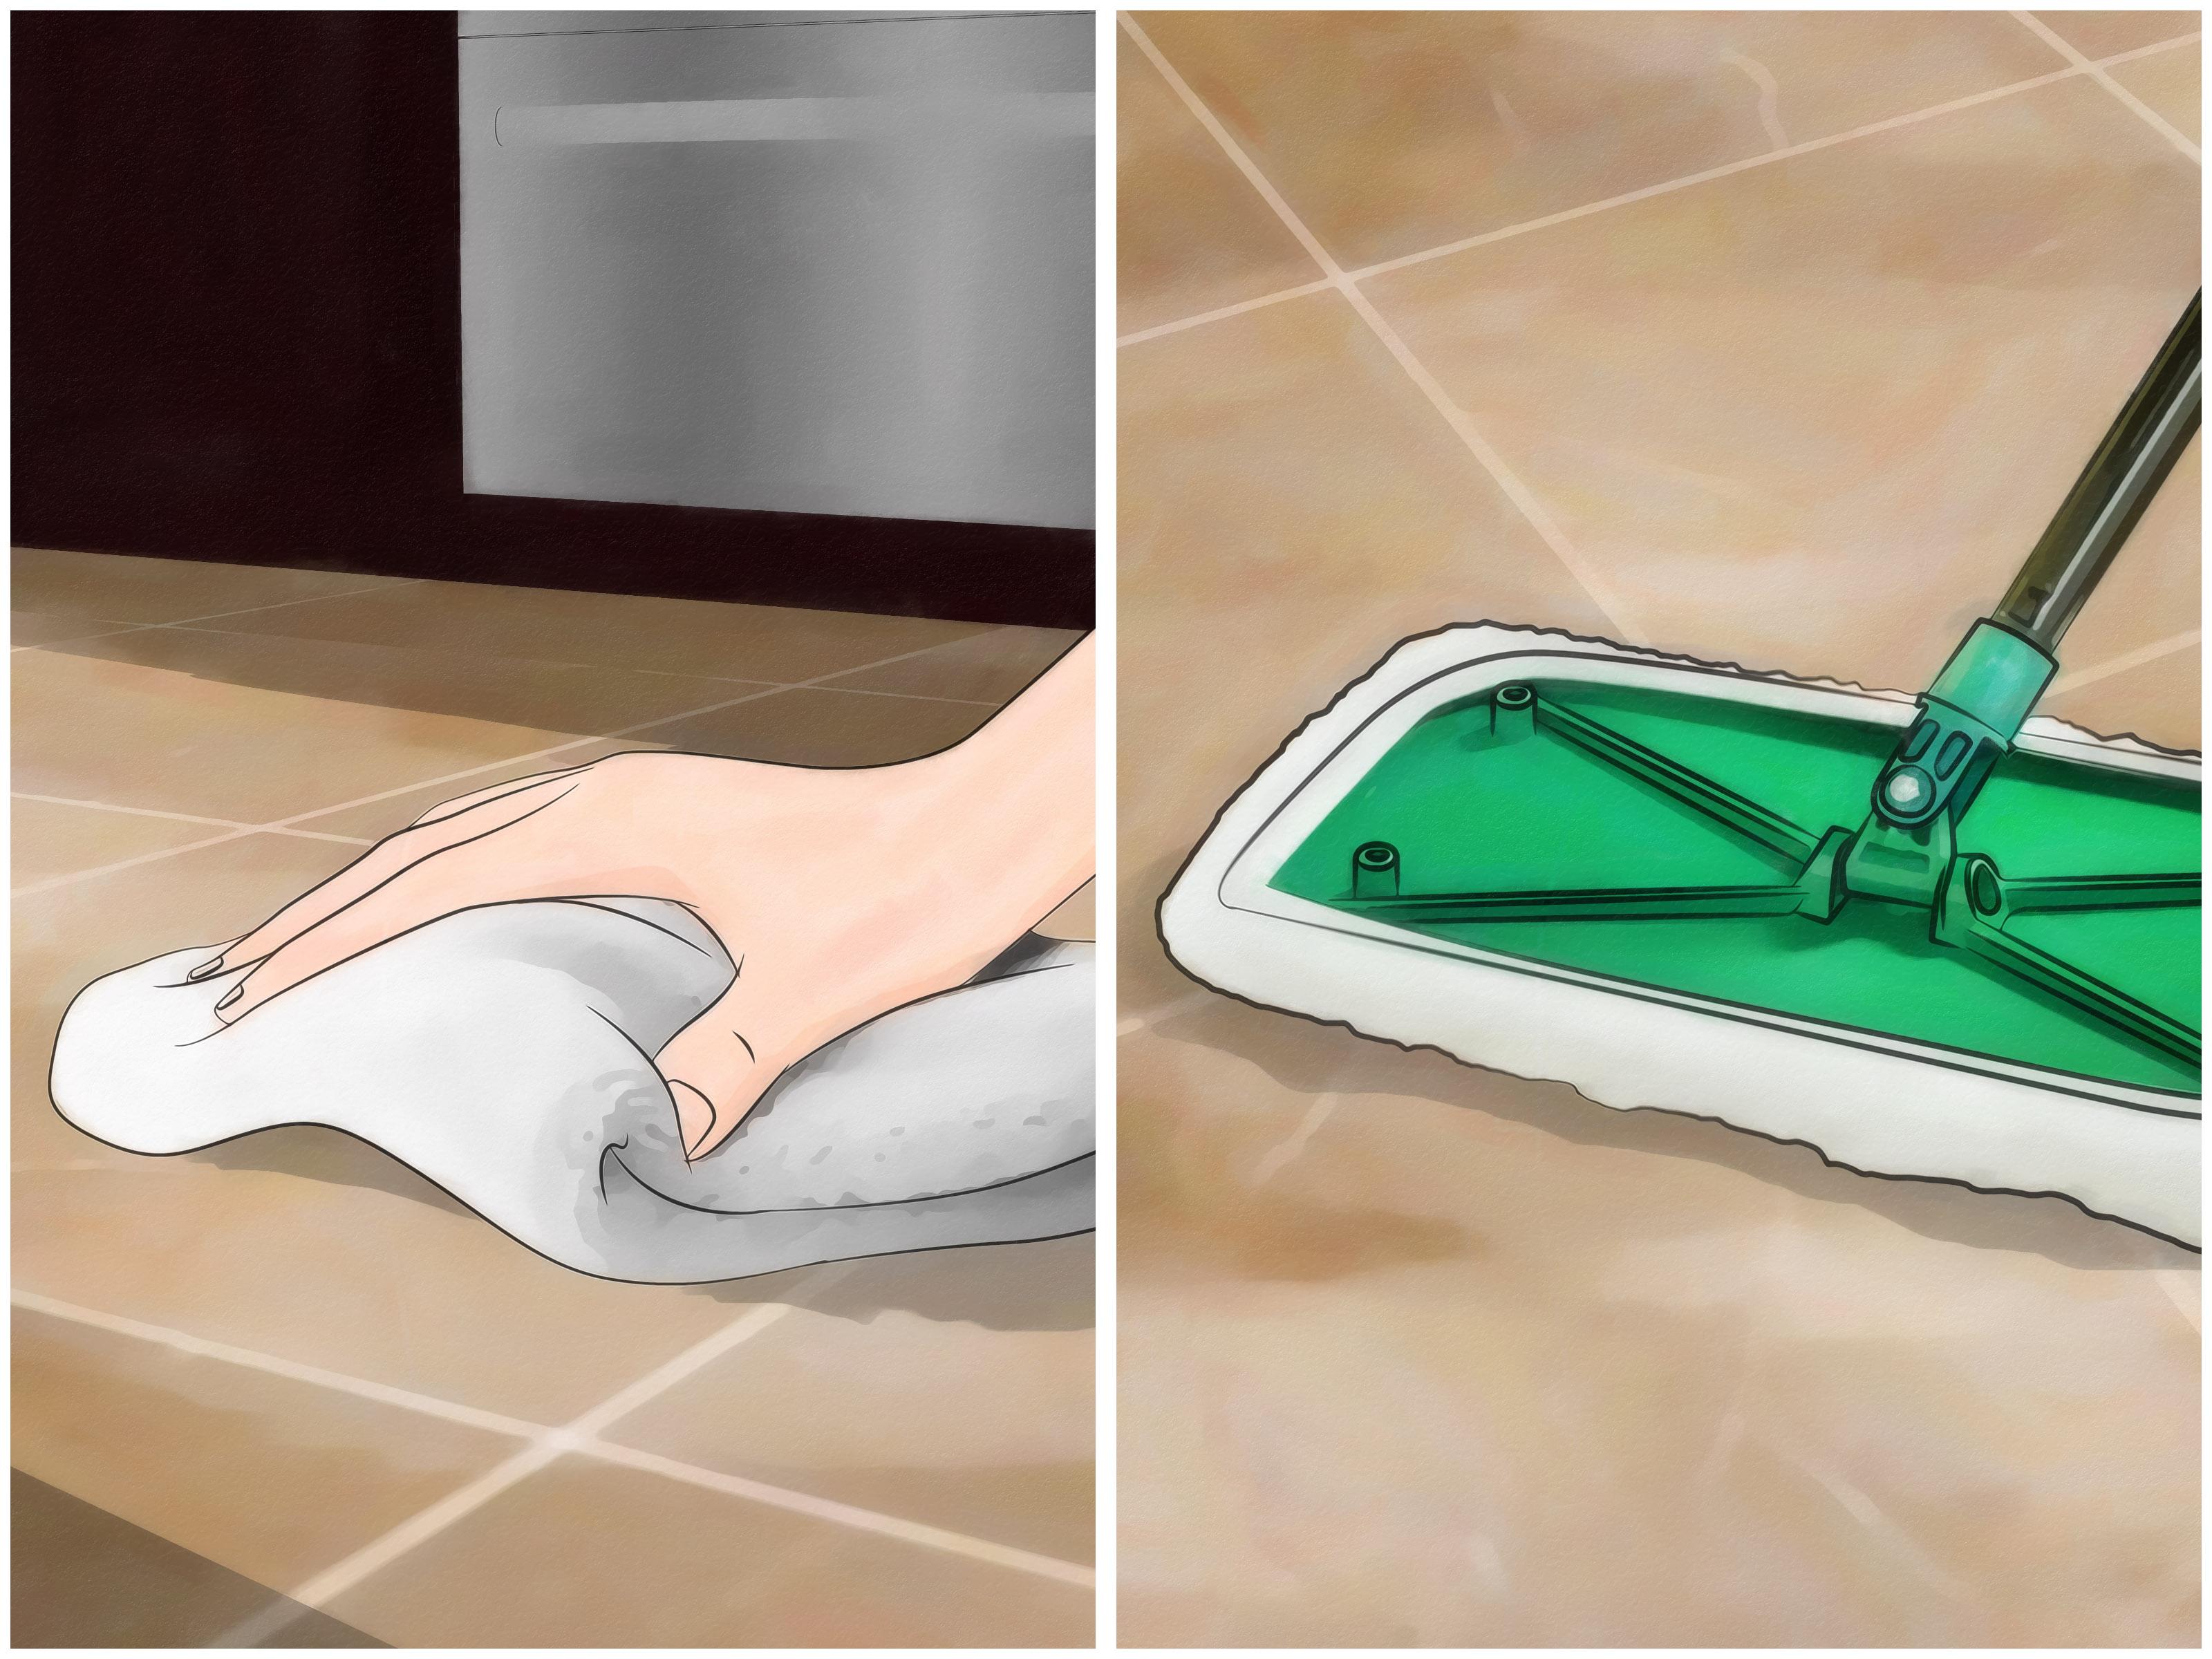 4 Ways To Clean Grout Between Floor Tiles